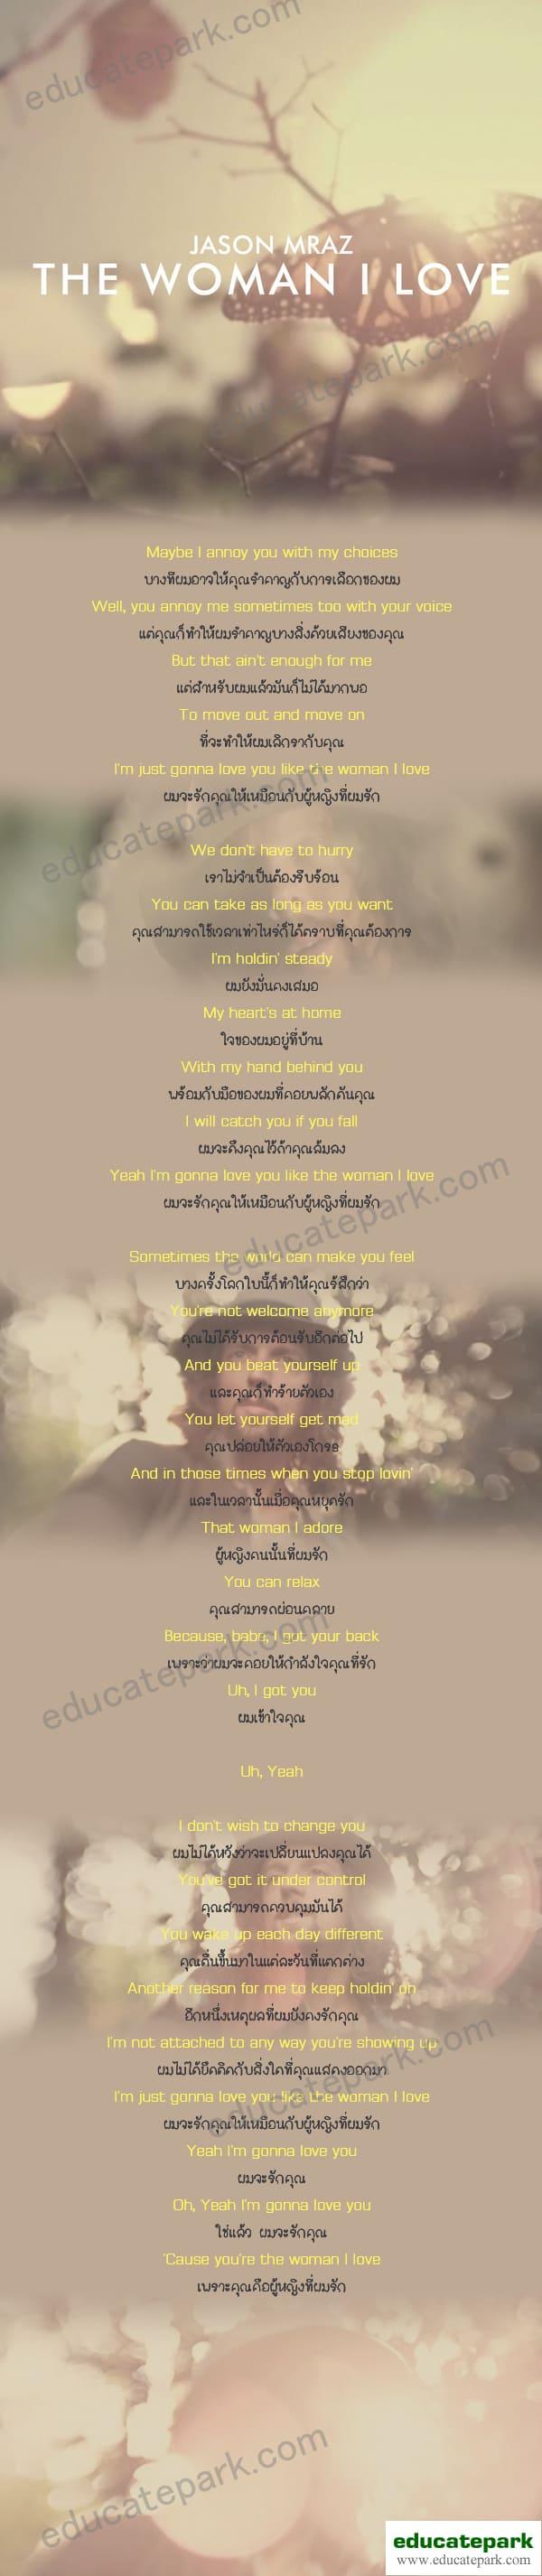 แปลเพลง The Woman I Love - Jason Marz